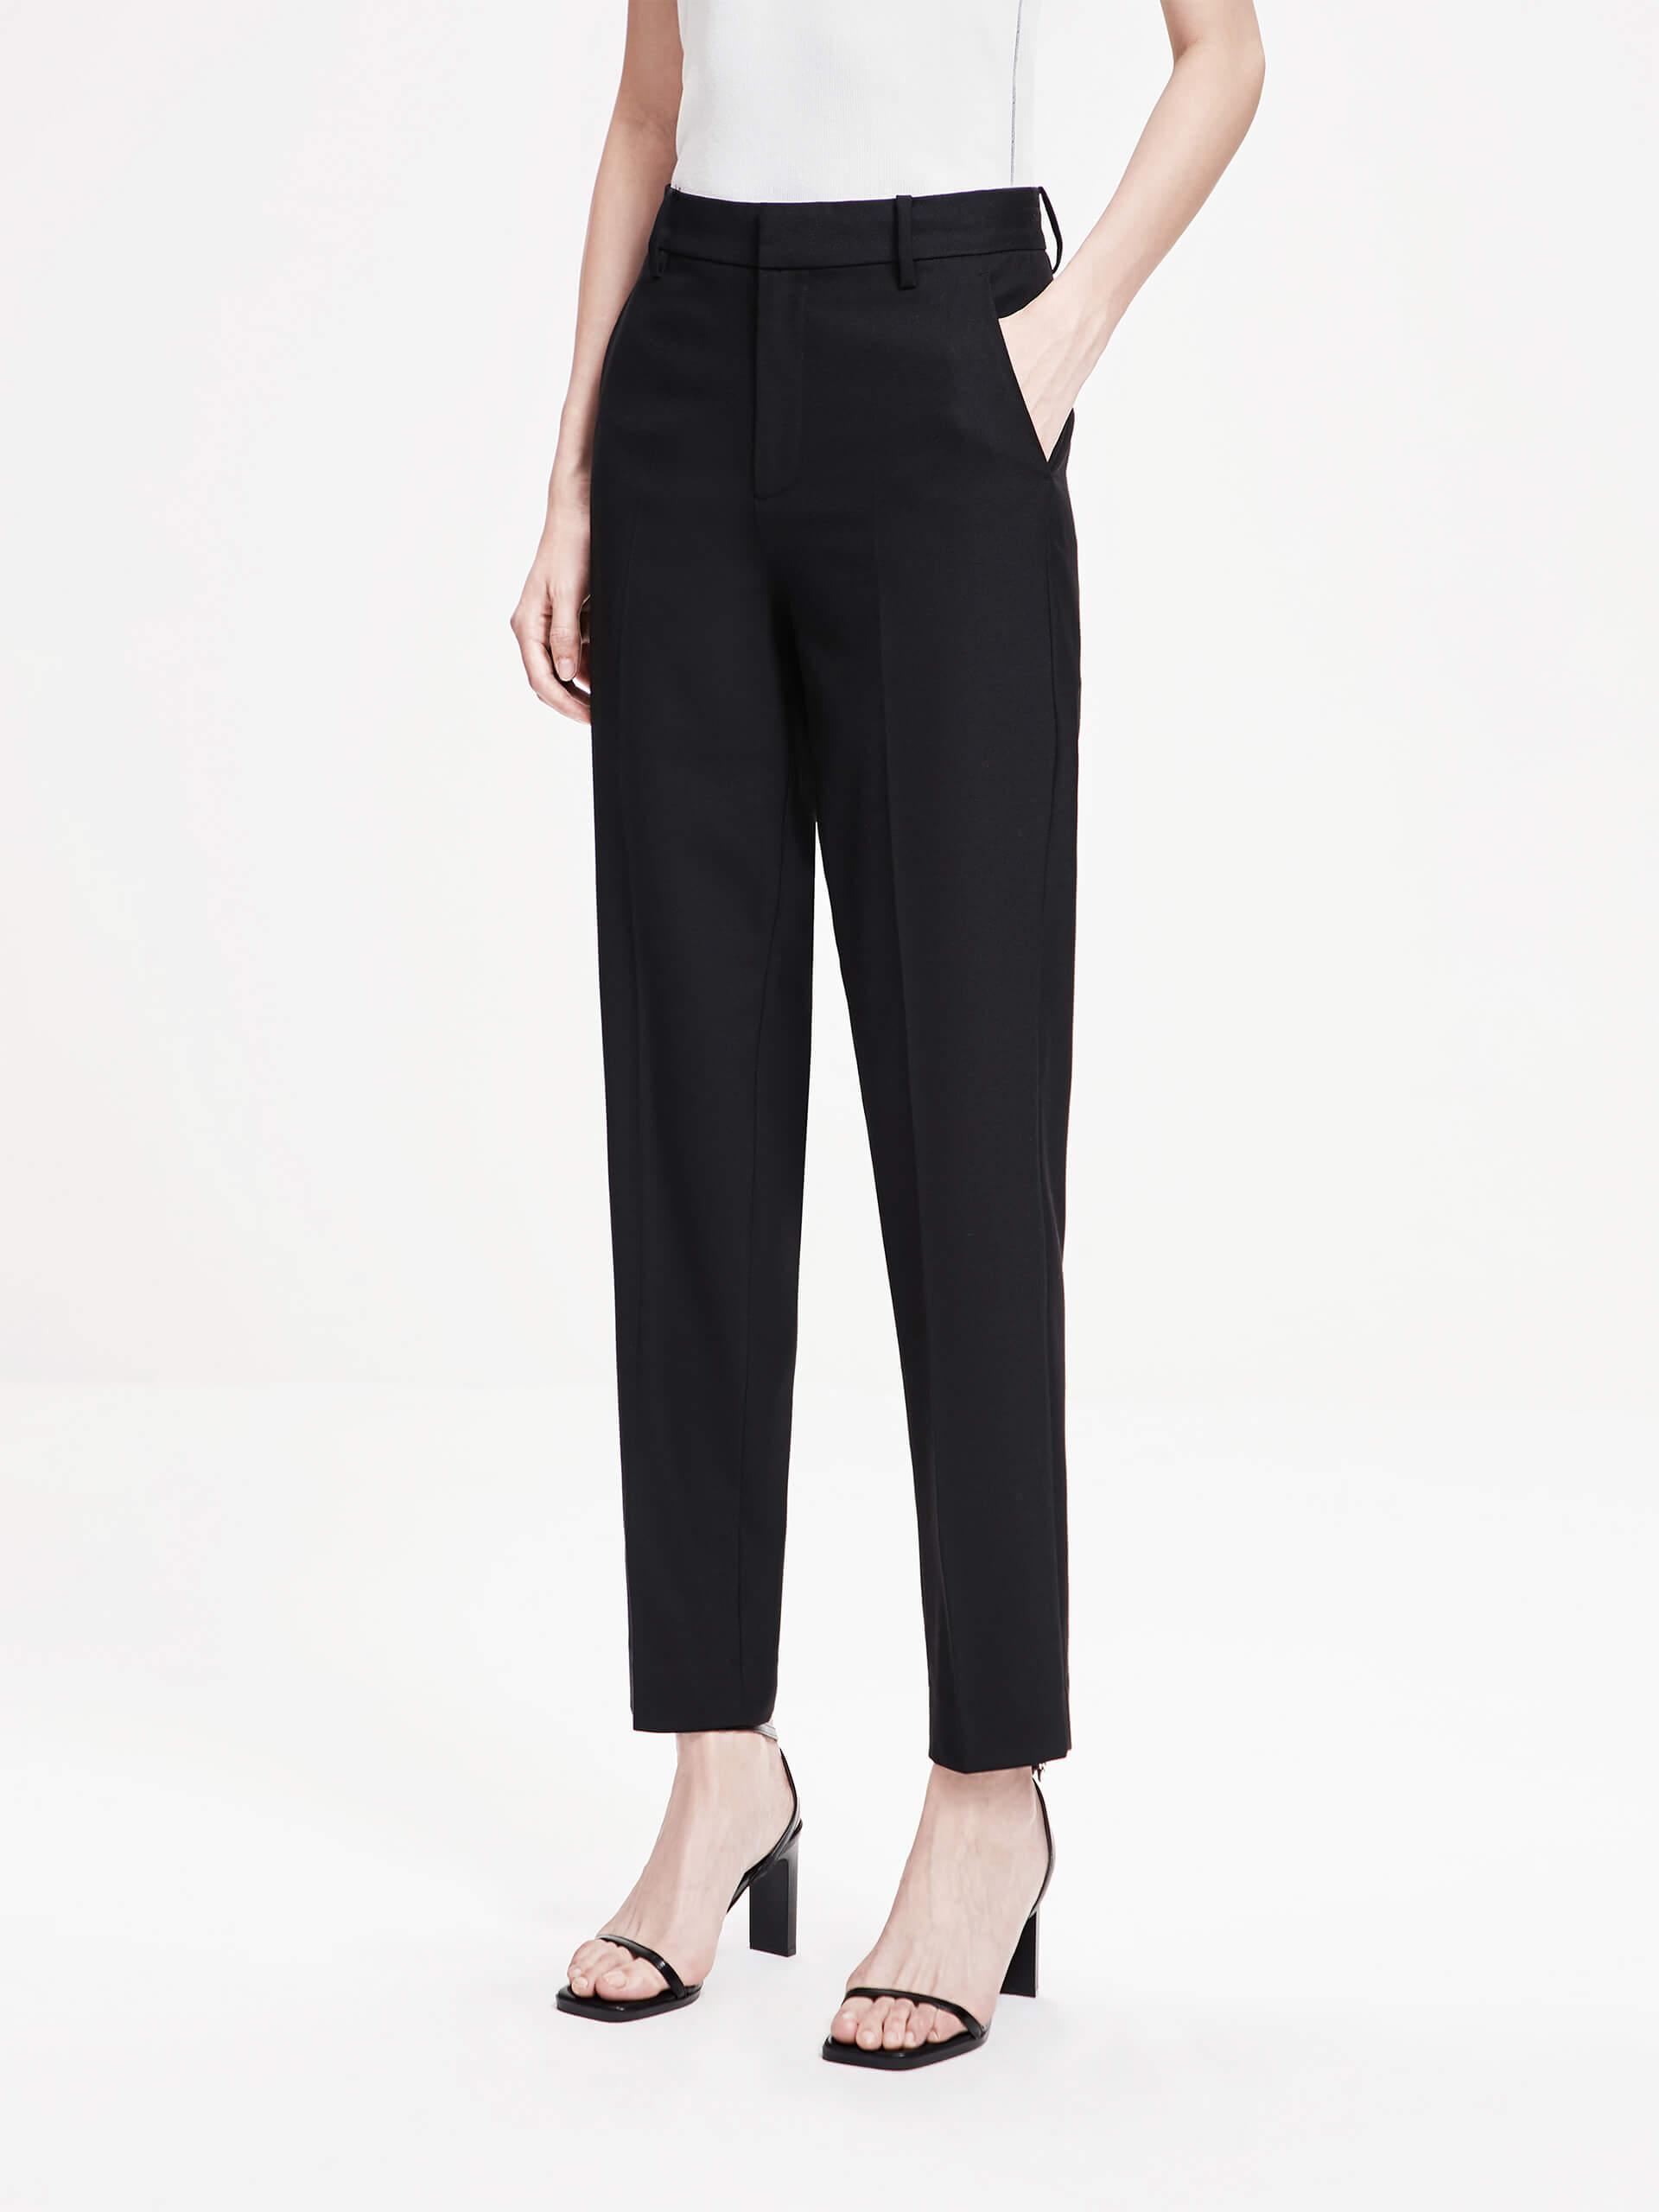 「春季新品」黑色优雅简约西裤